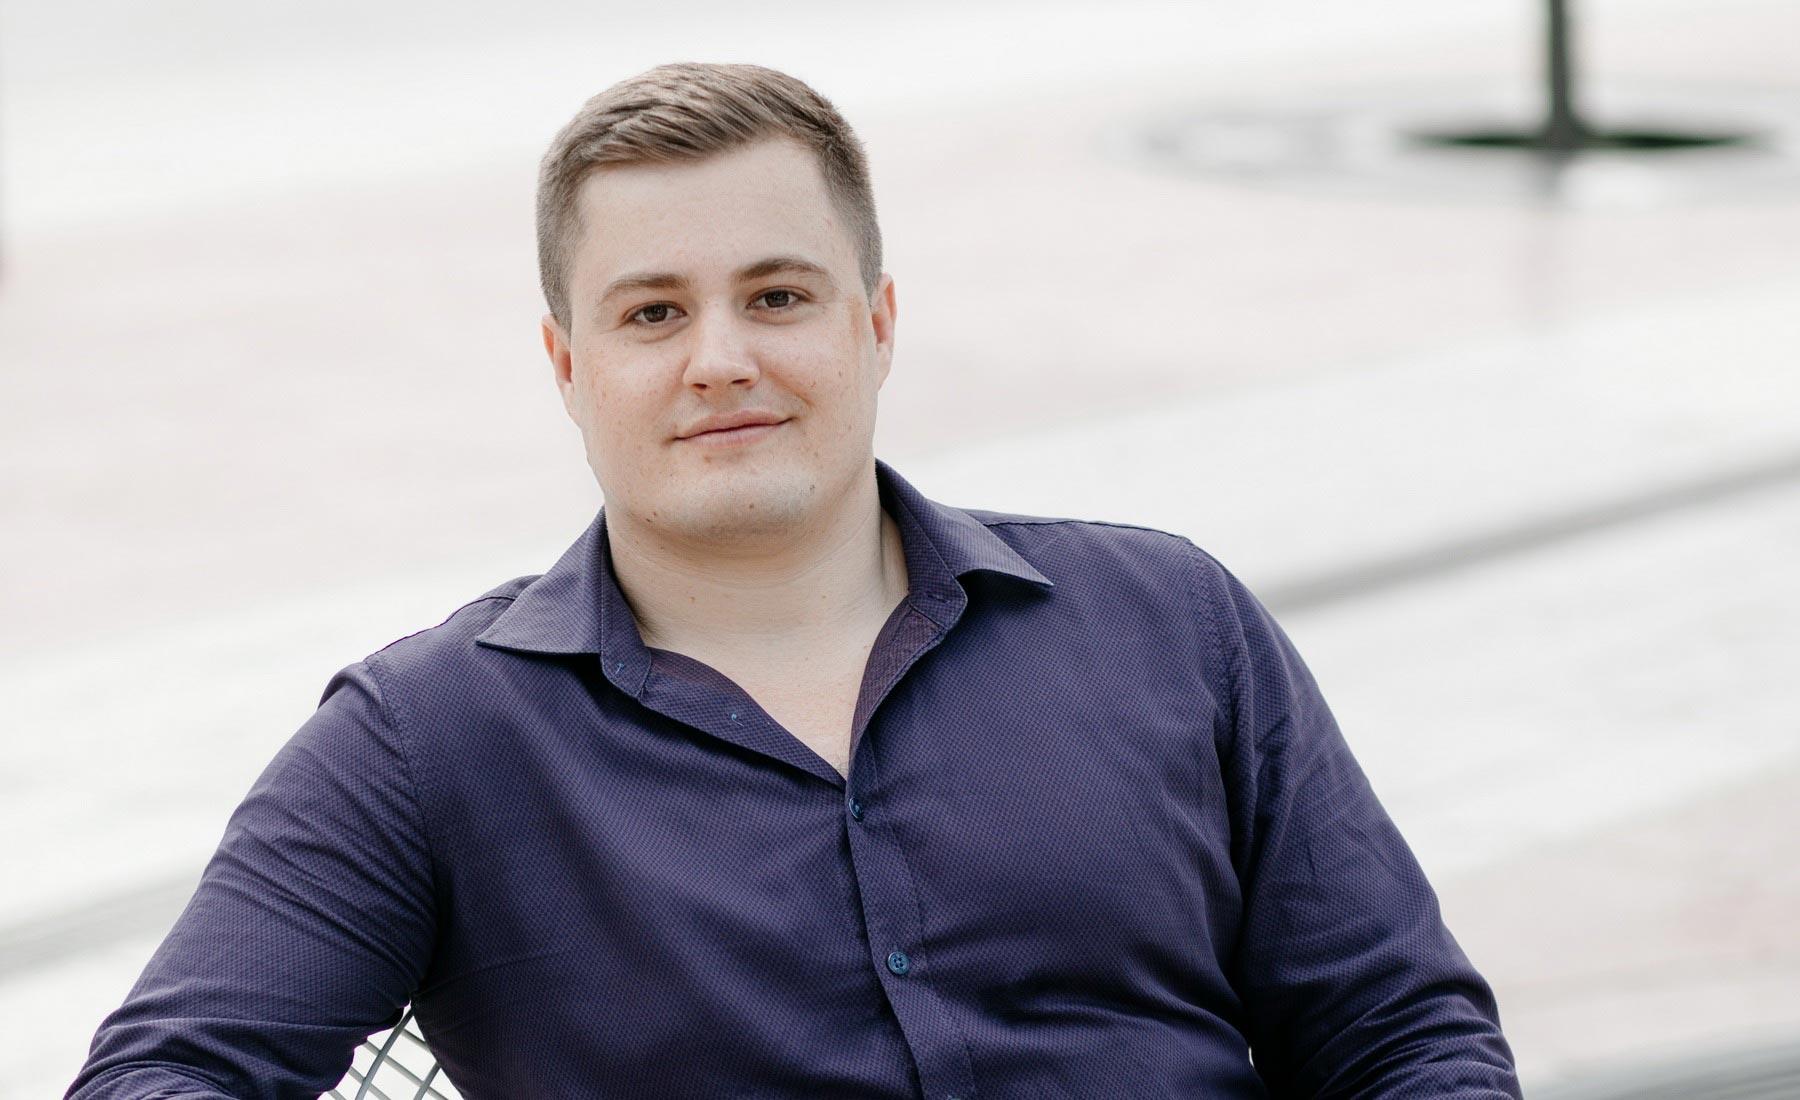 Богдан Белоконь, руководитель интернет-агентства Rating up